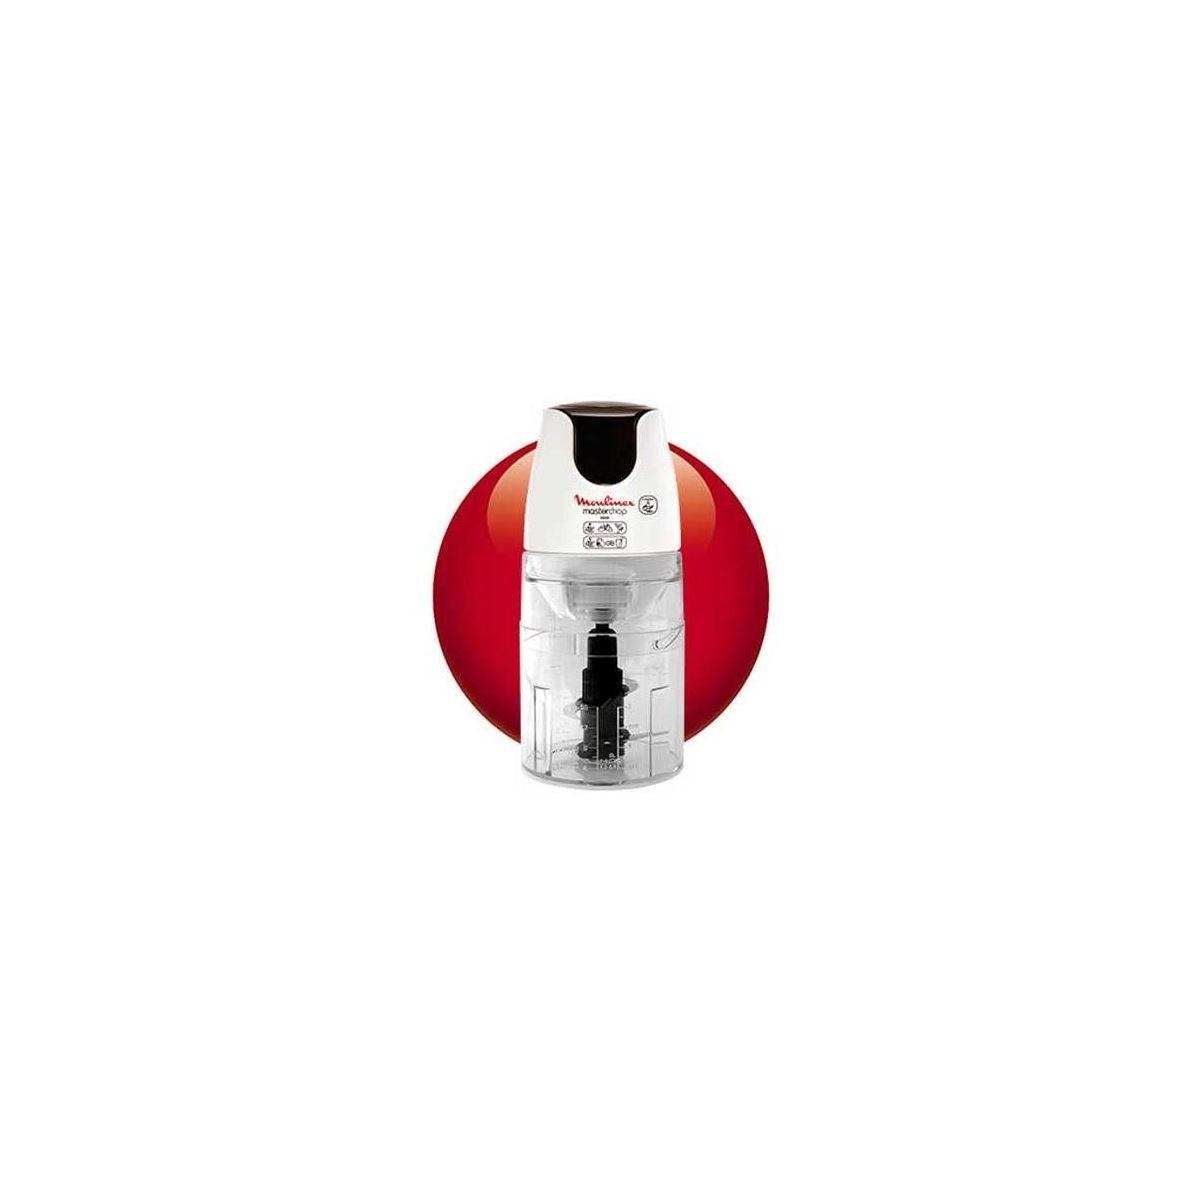 Picadora Moulinex DJ450B10